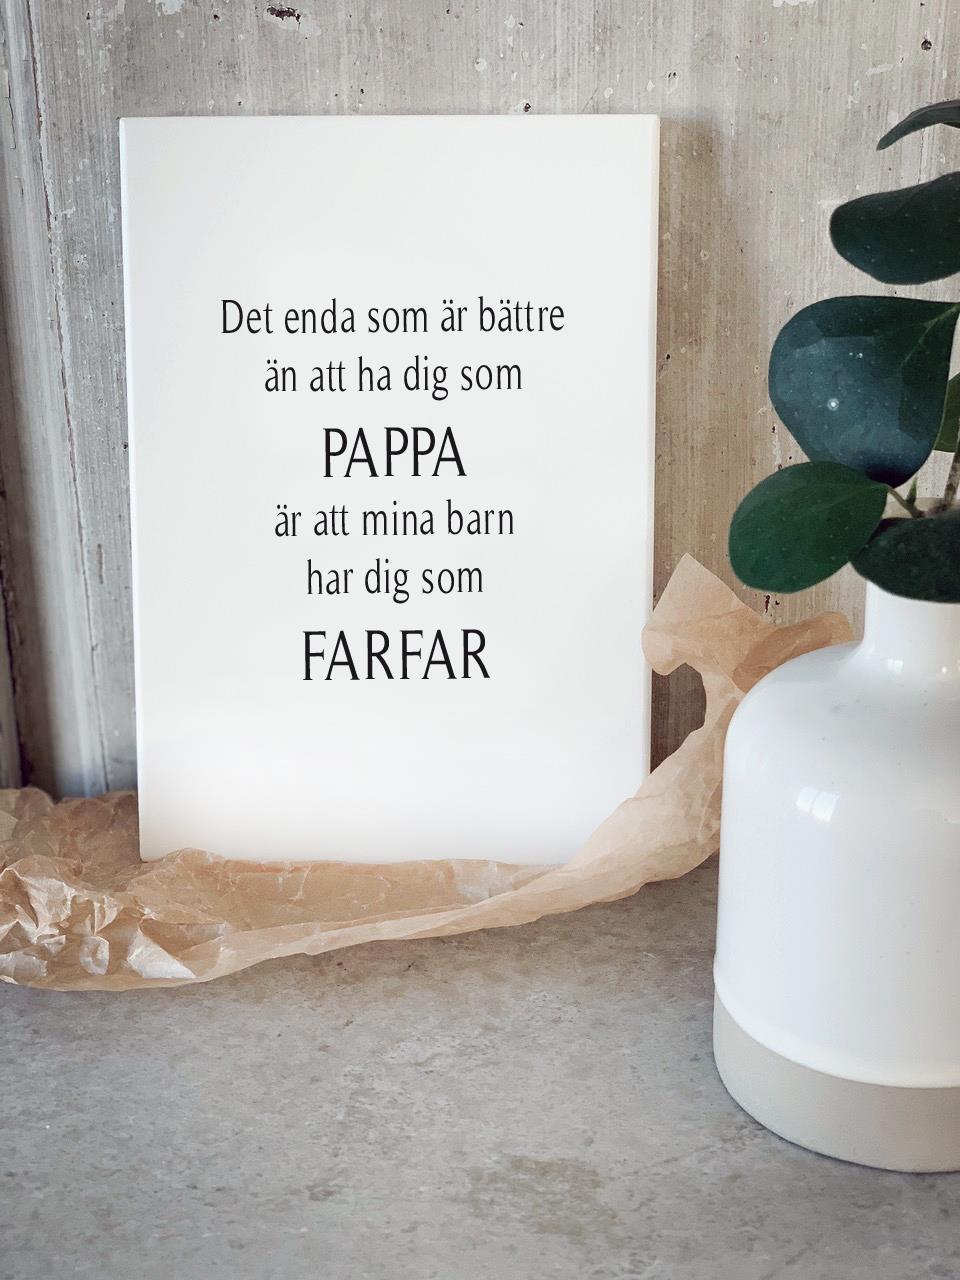 Trätavla A5, Pappa & Farfar, vit/svart text